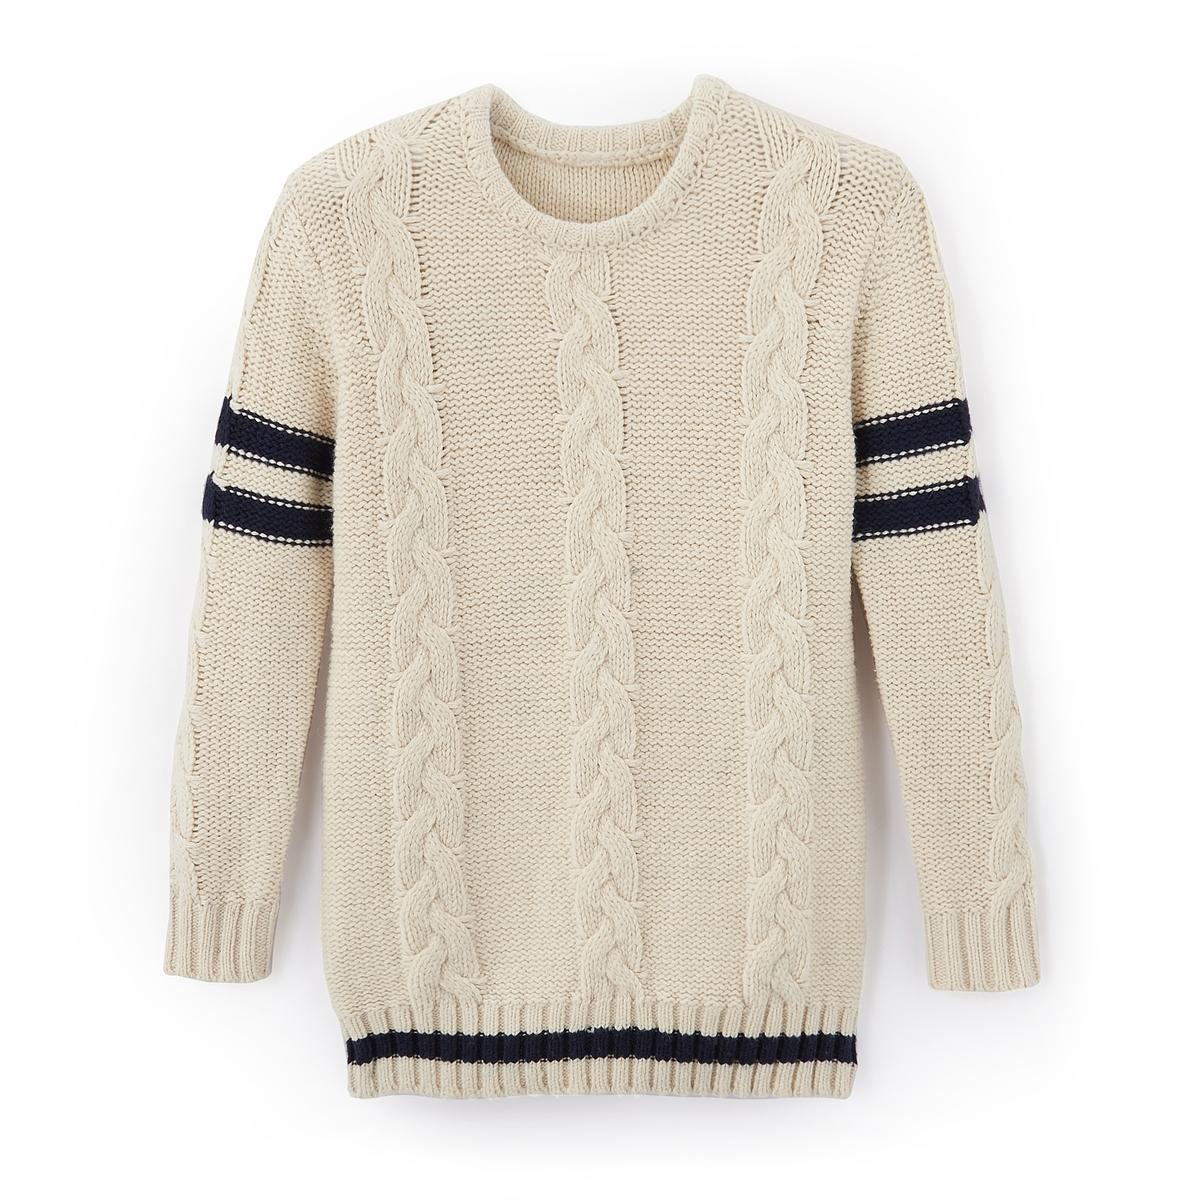 Пуловер из плетеного трикотажа 3-12 лет